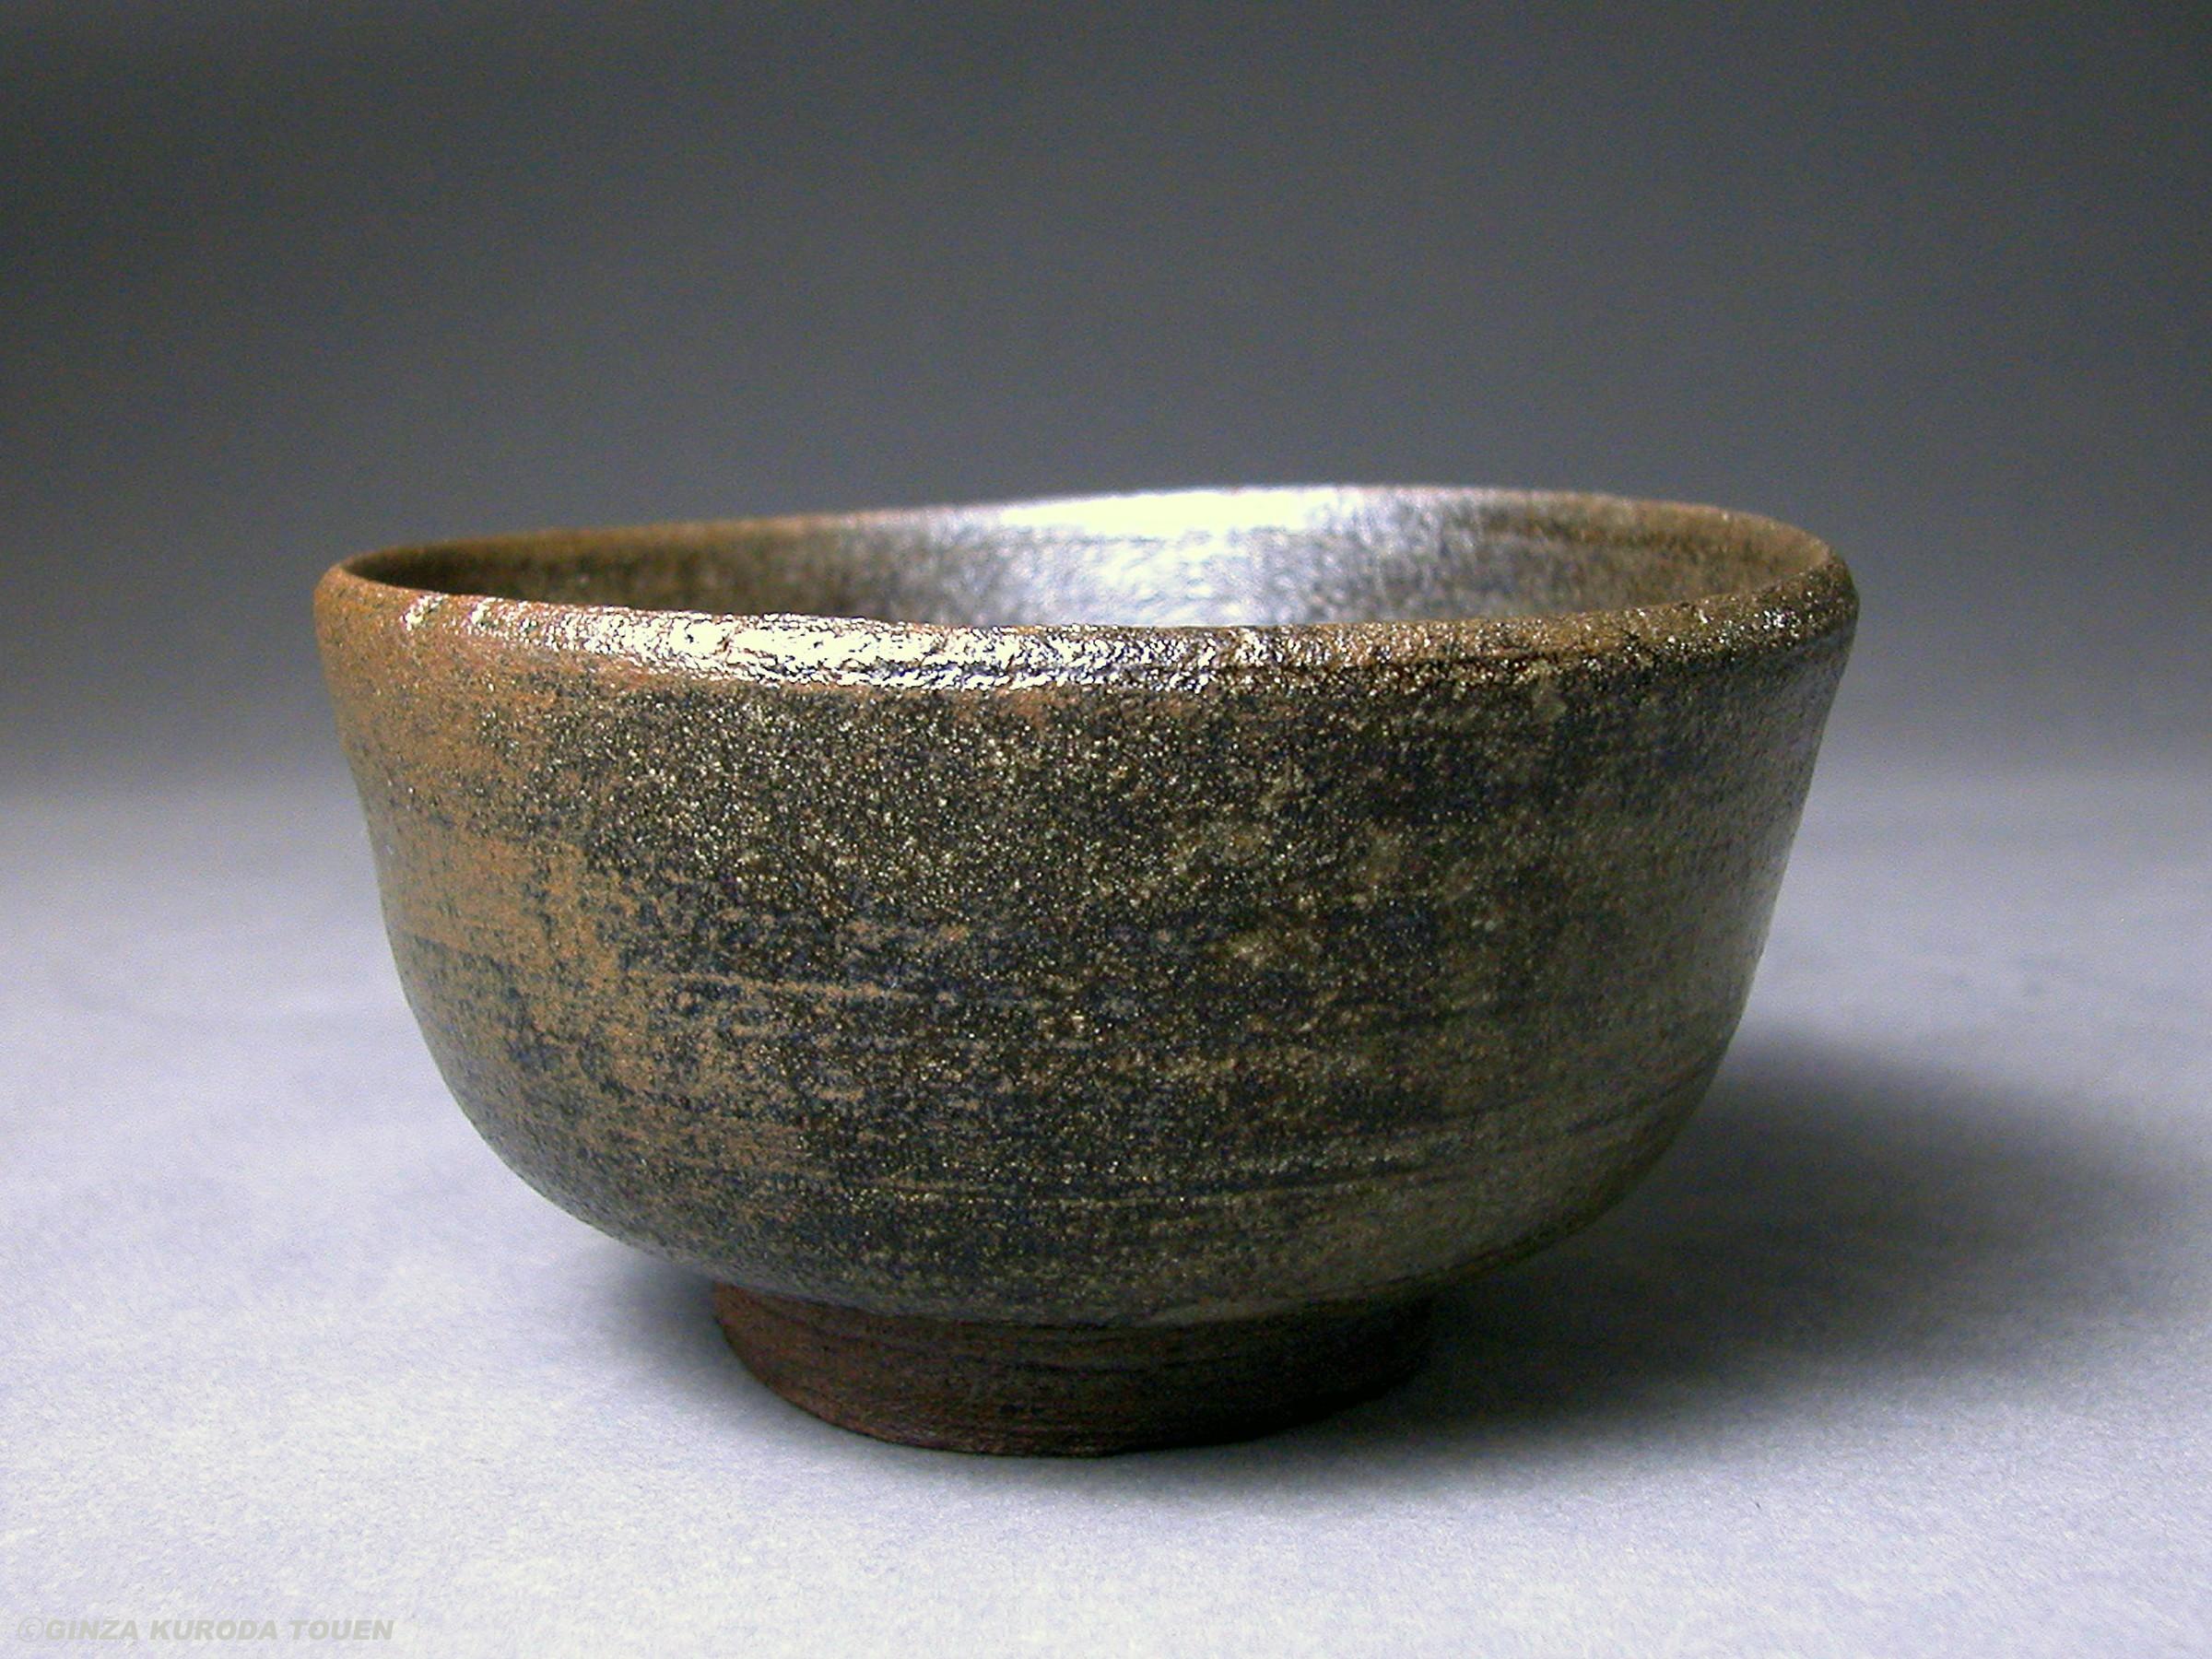 加藤唐九郎 小幡高麗茶碗 [銘・暁夜]